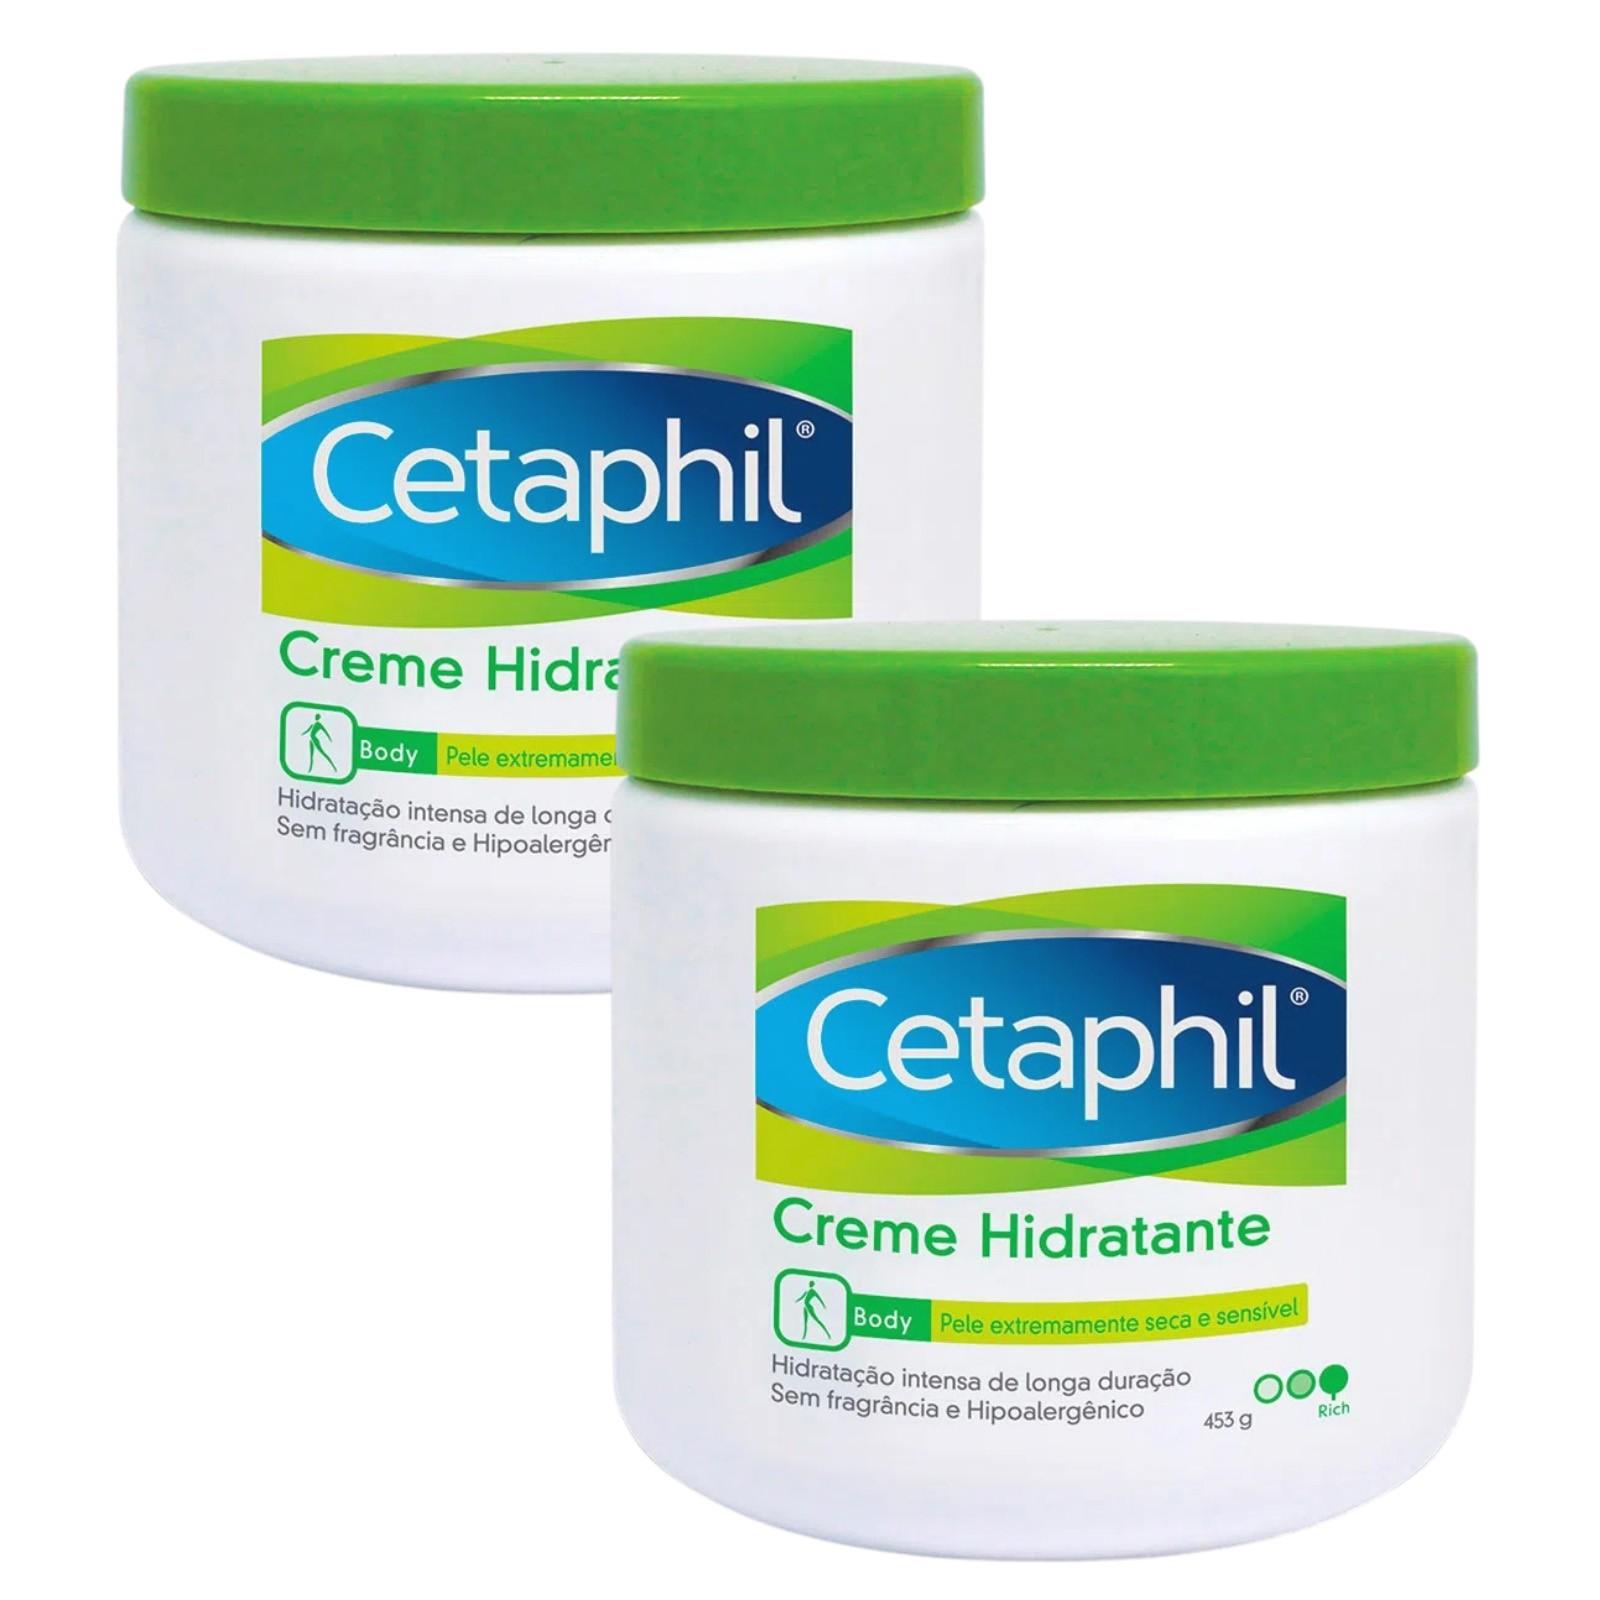 Kit com 2 Potes Creme Hidratante Corporal Cetaphil 453g - Pele Seca e Sensível